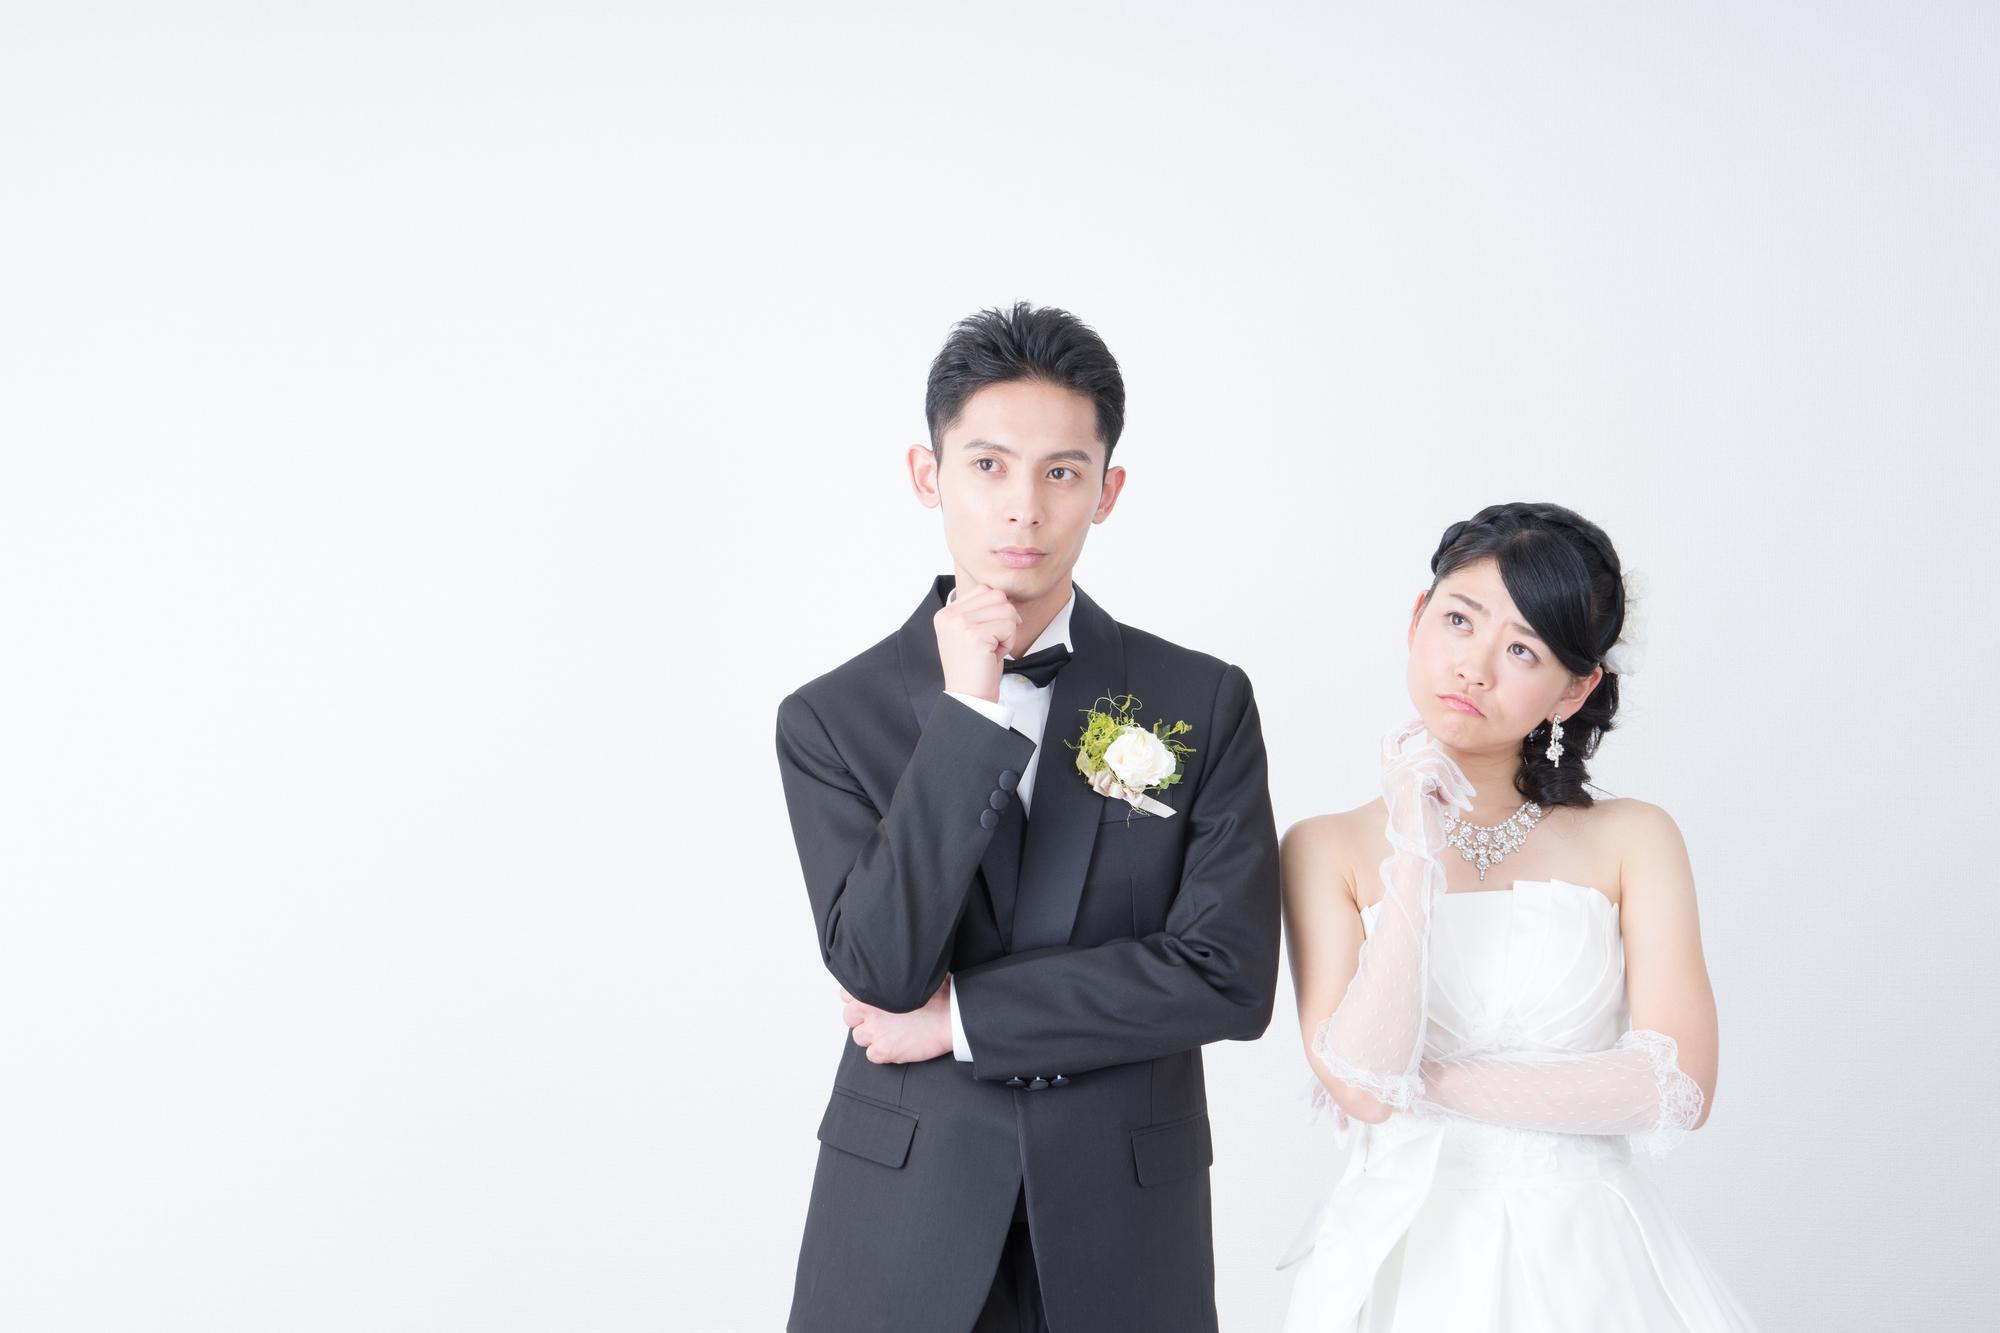 19_3結婚適齢期に結婚するのって本当に良いの?メリットデメリットを紹介